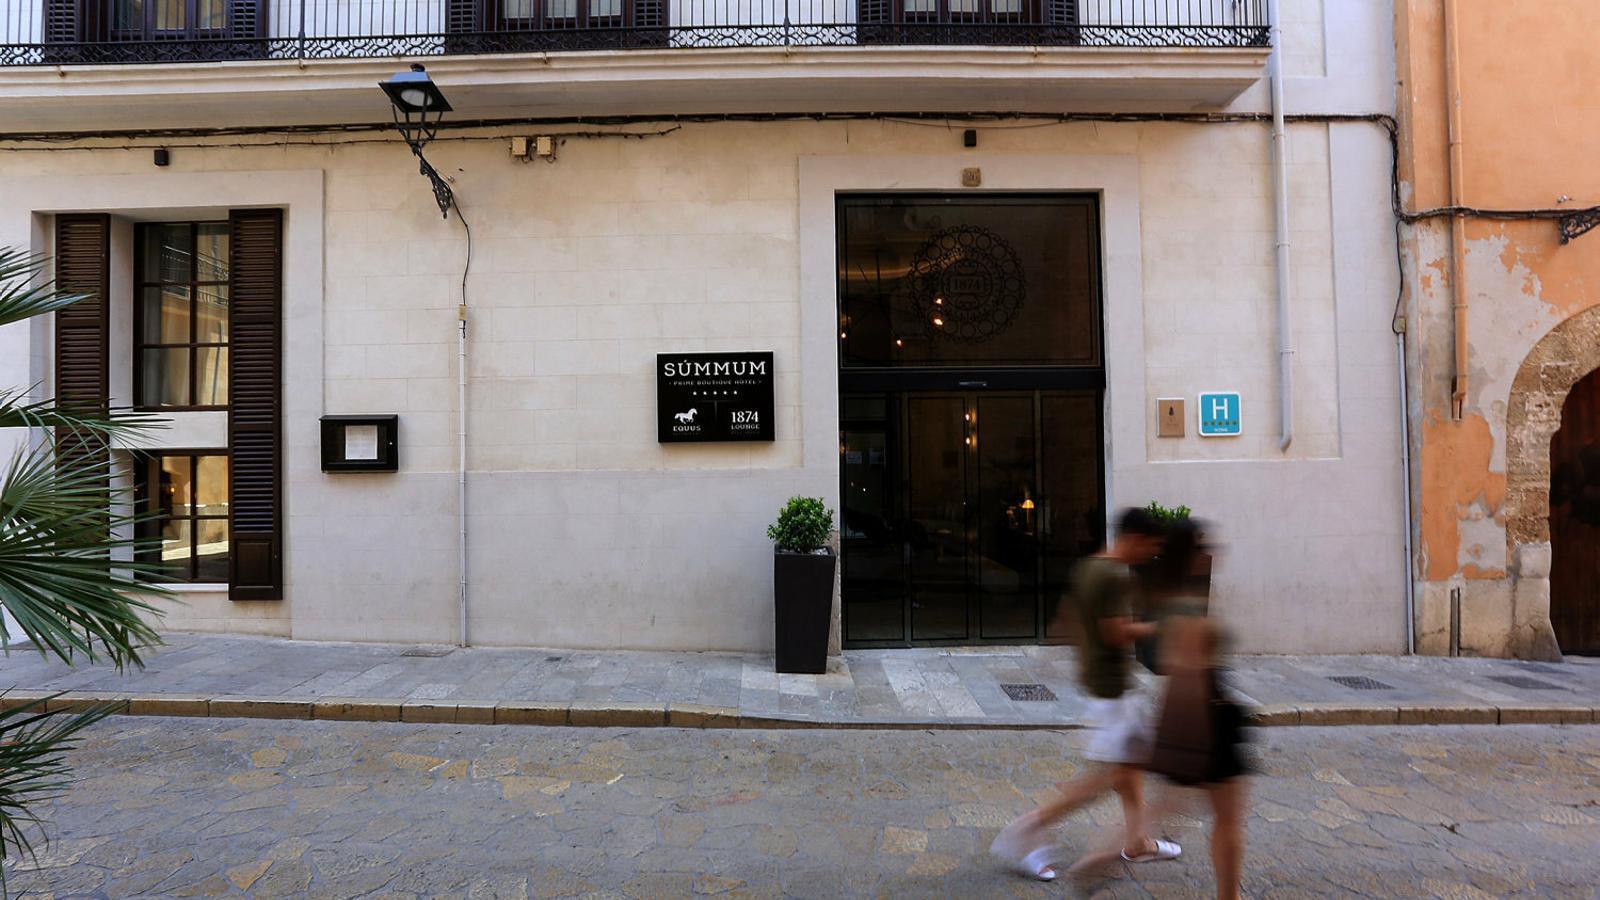 Hotels boutique, una passa més cap a la gentrificació